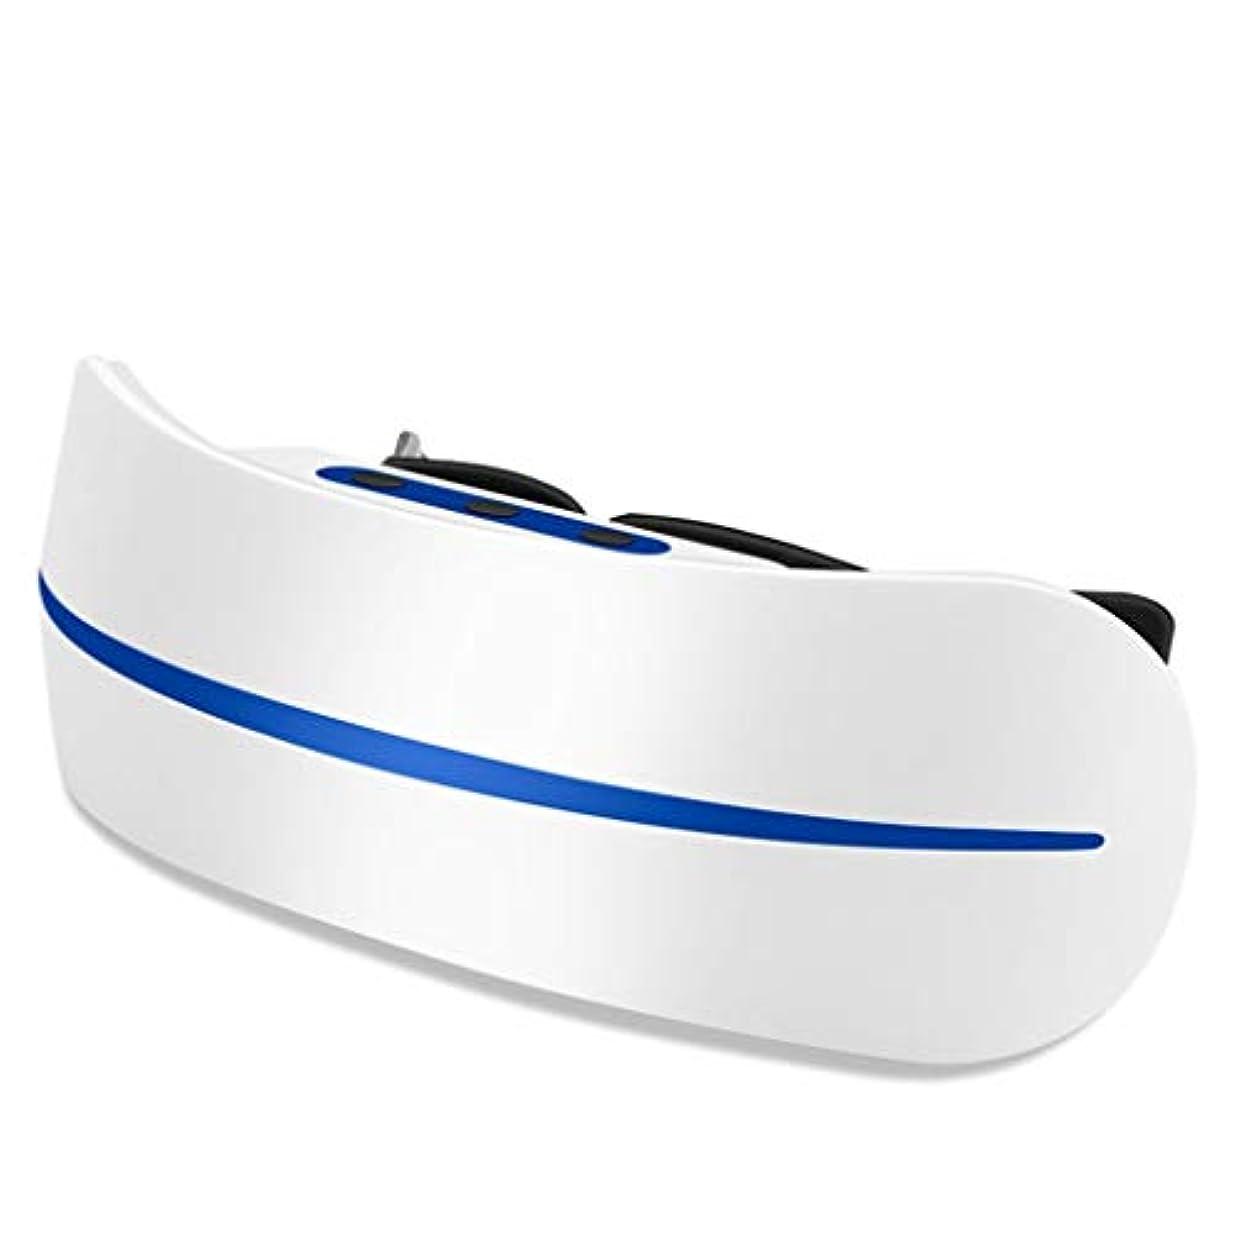 発言するホスト軽蔑するアイマッサージャー視力回復剤アイ近視矯正アイプロテクターアイプロテクション軽減疲労ダークサークルアイマスク